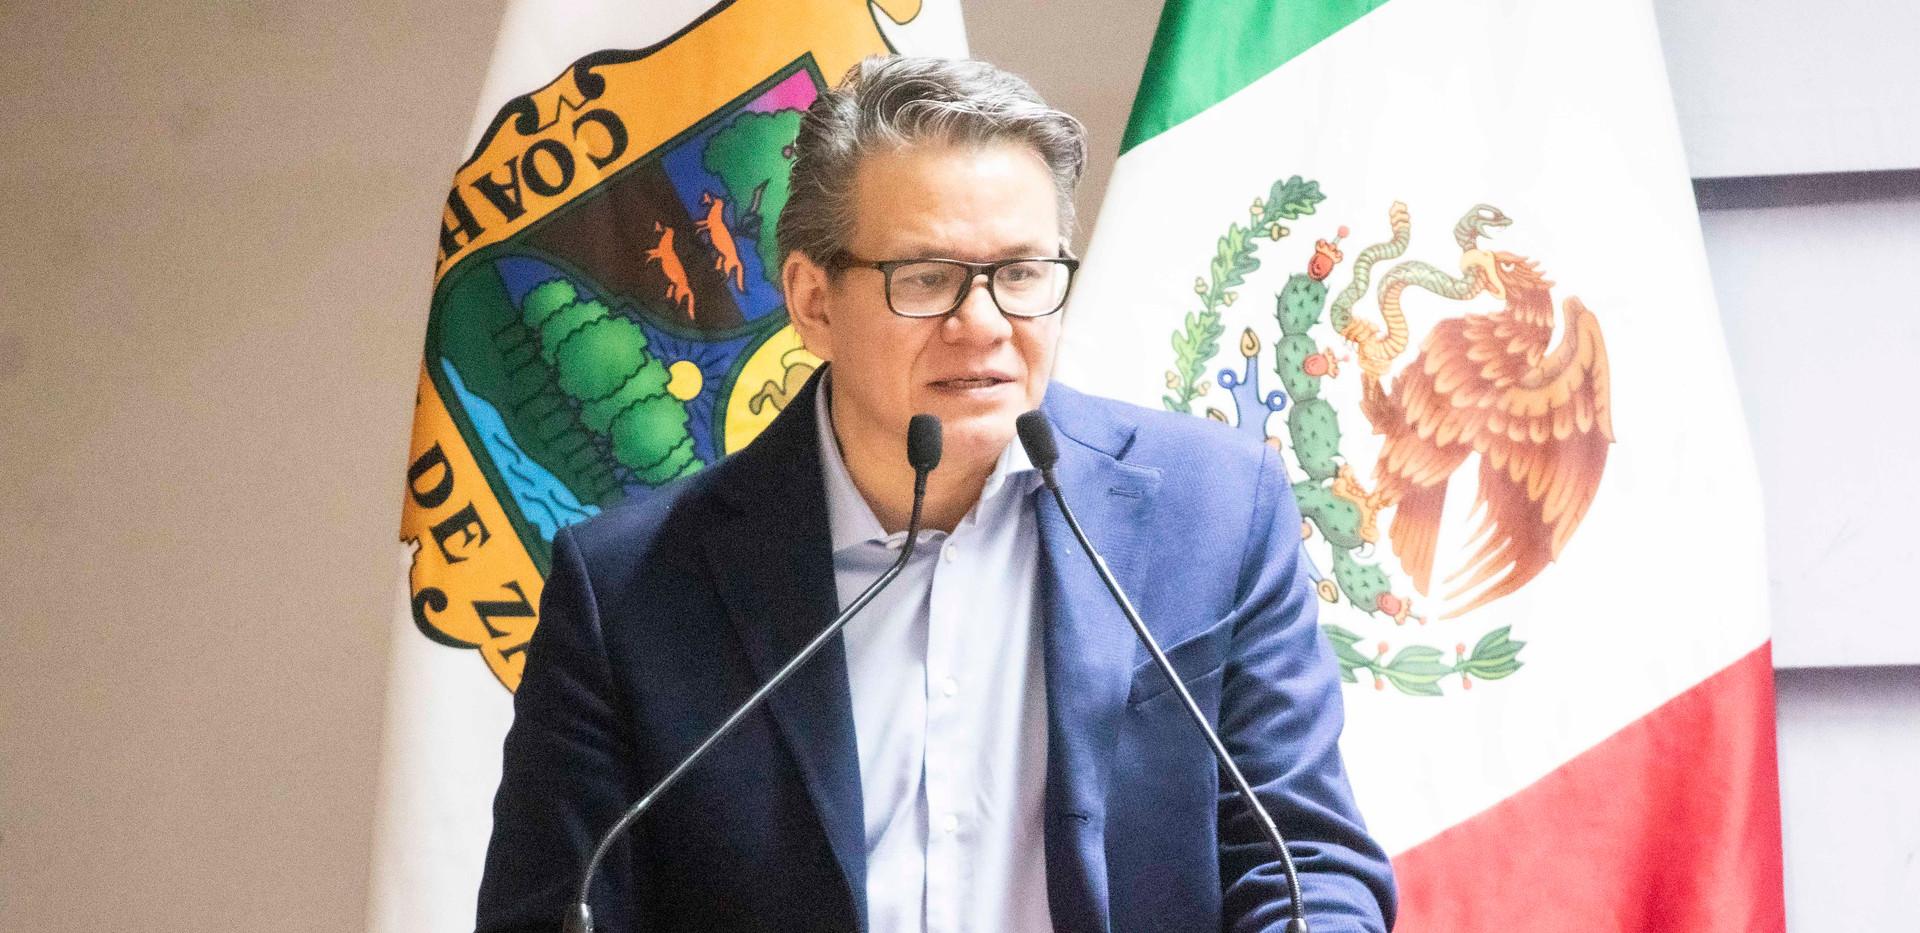 Torreon_1.jpg